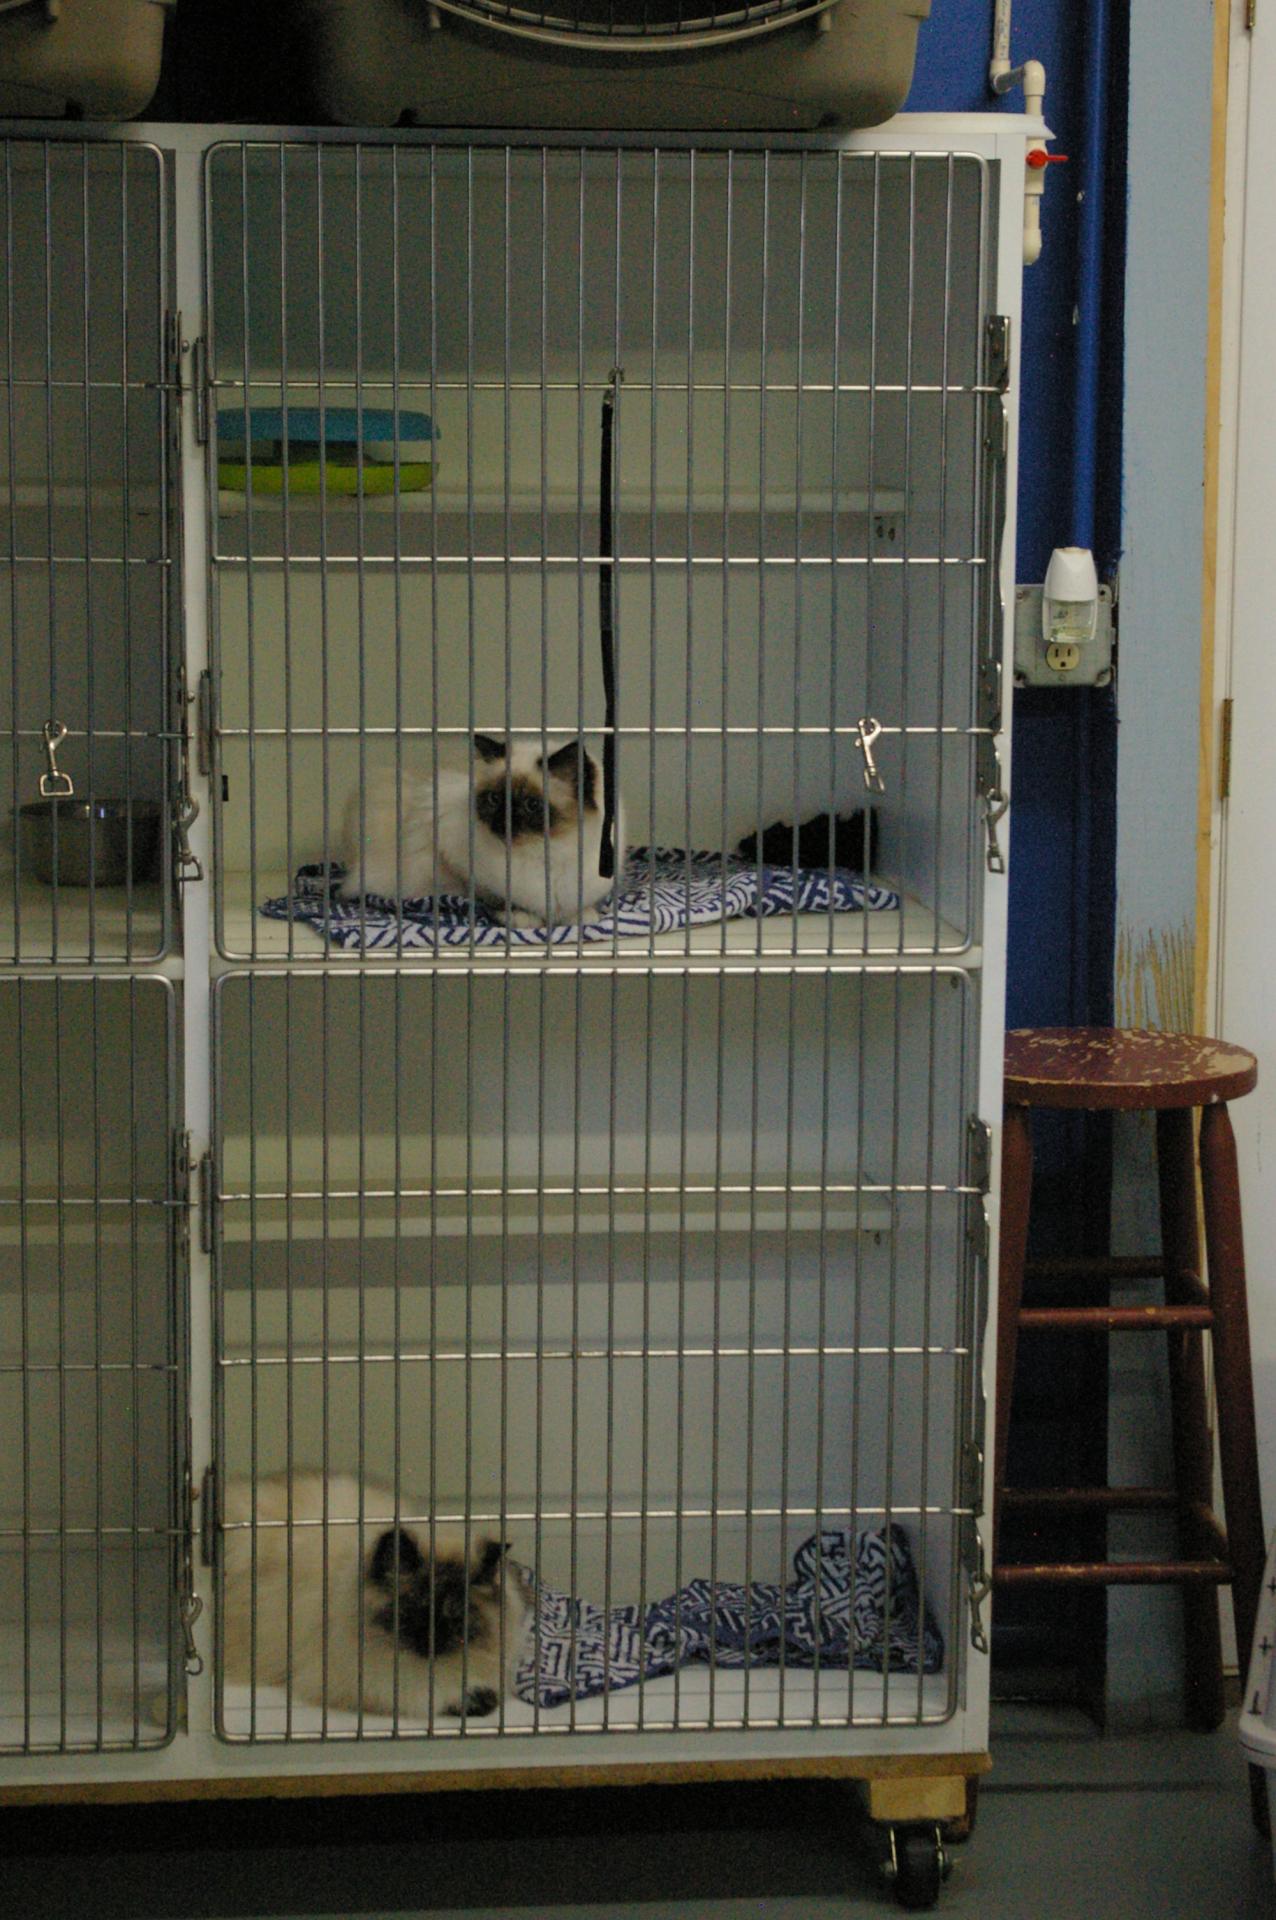 Cat Riverside Veterinary Hospital Kitty Condo